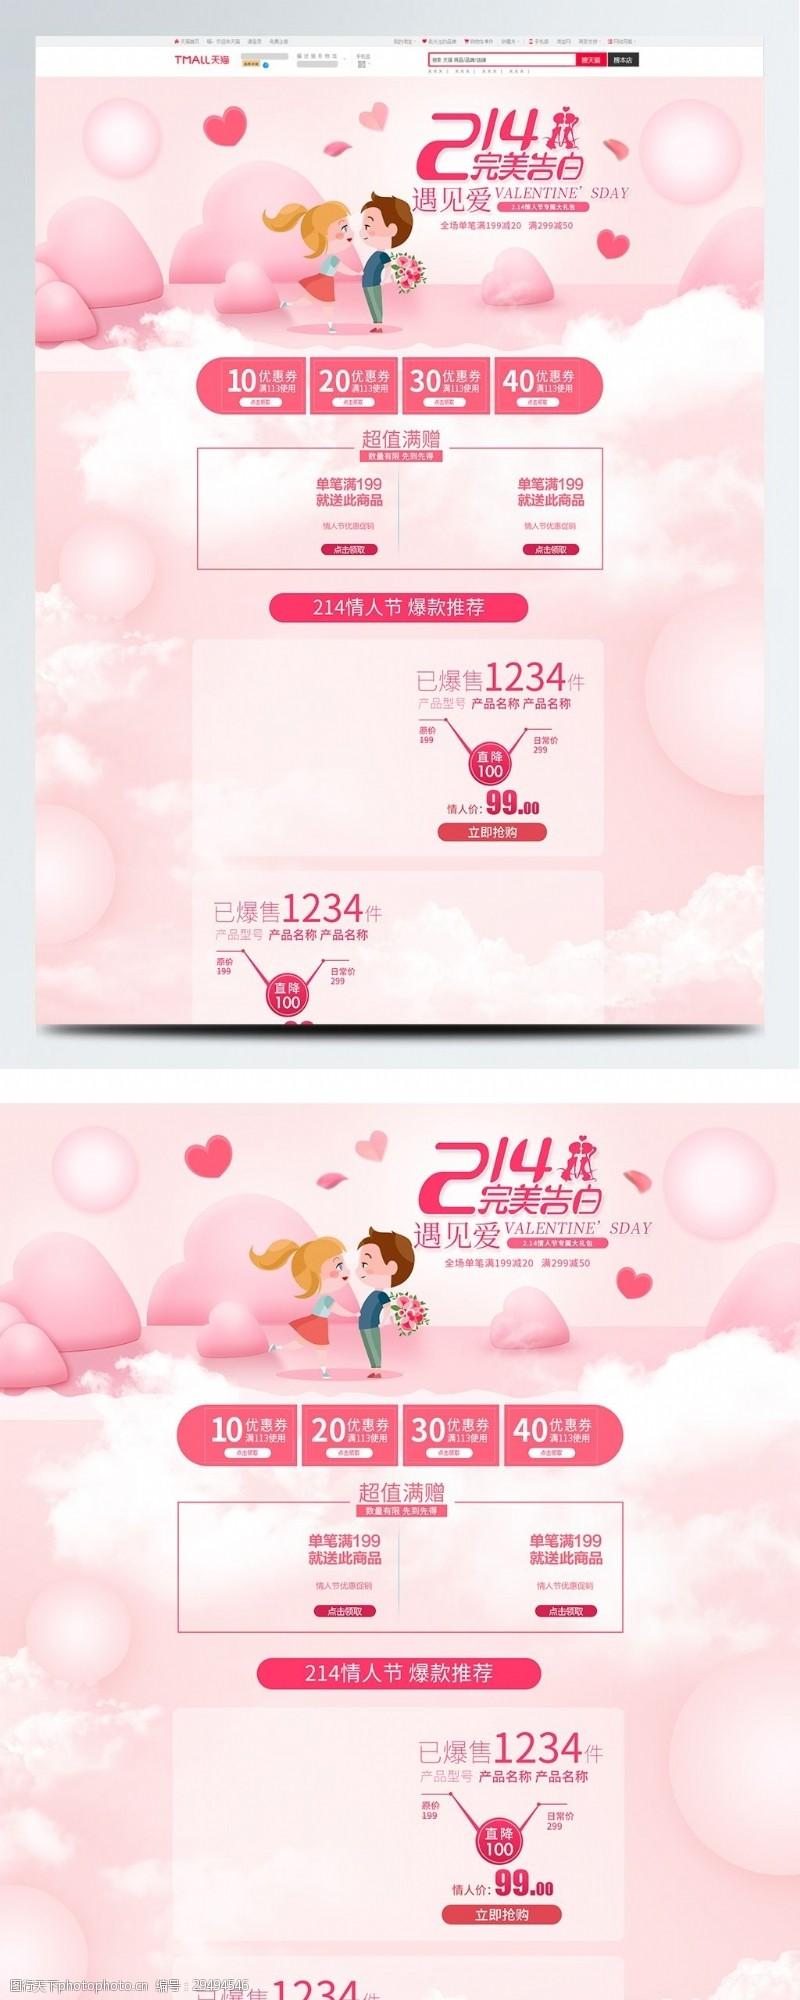 情侣模板电商淘宝情人节促销粉色唯美浪漫首页模板